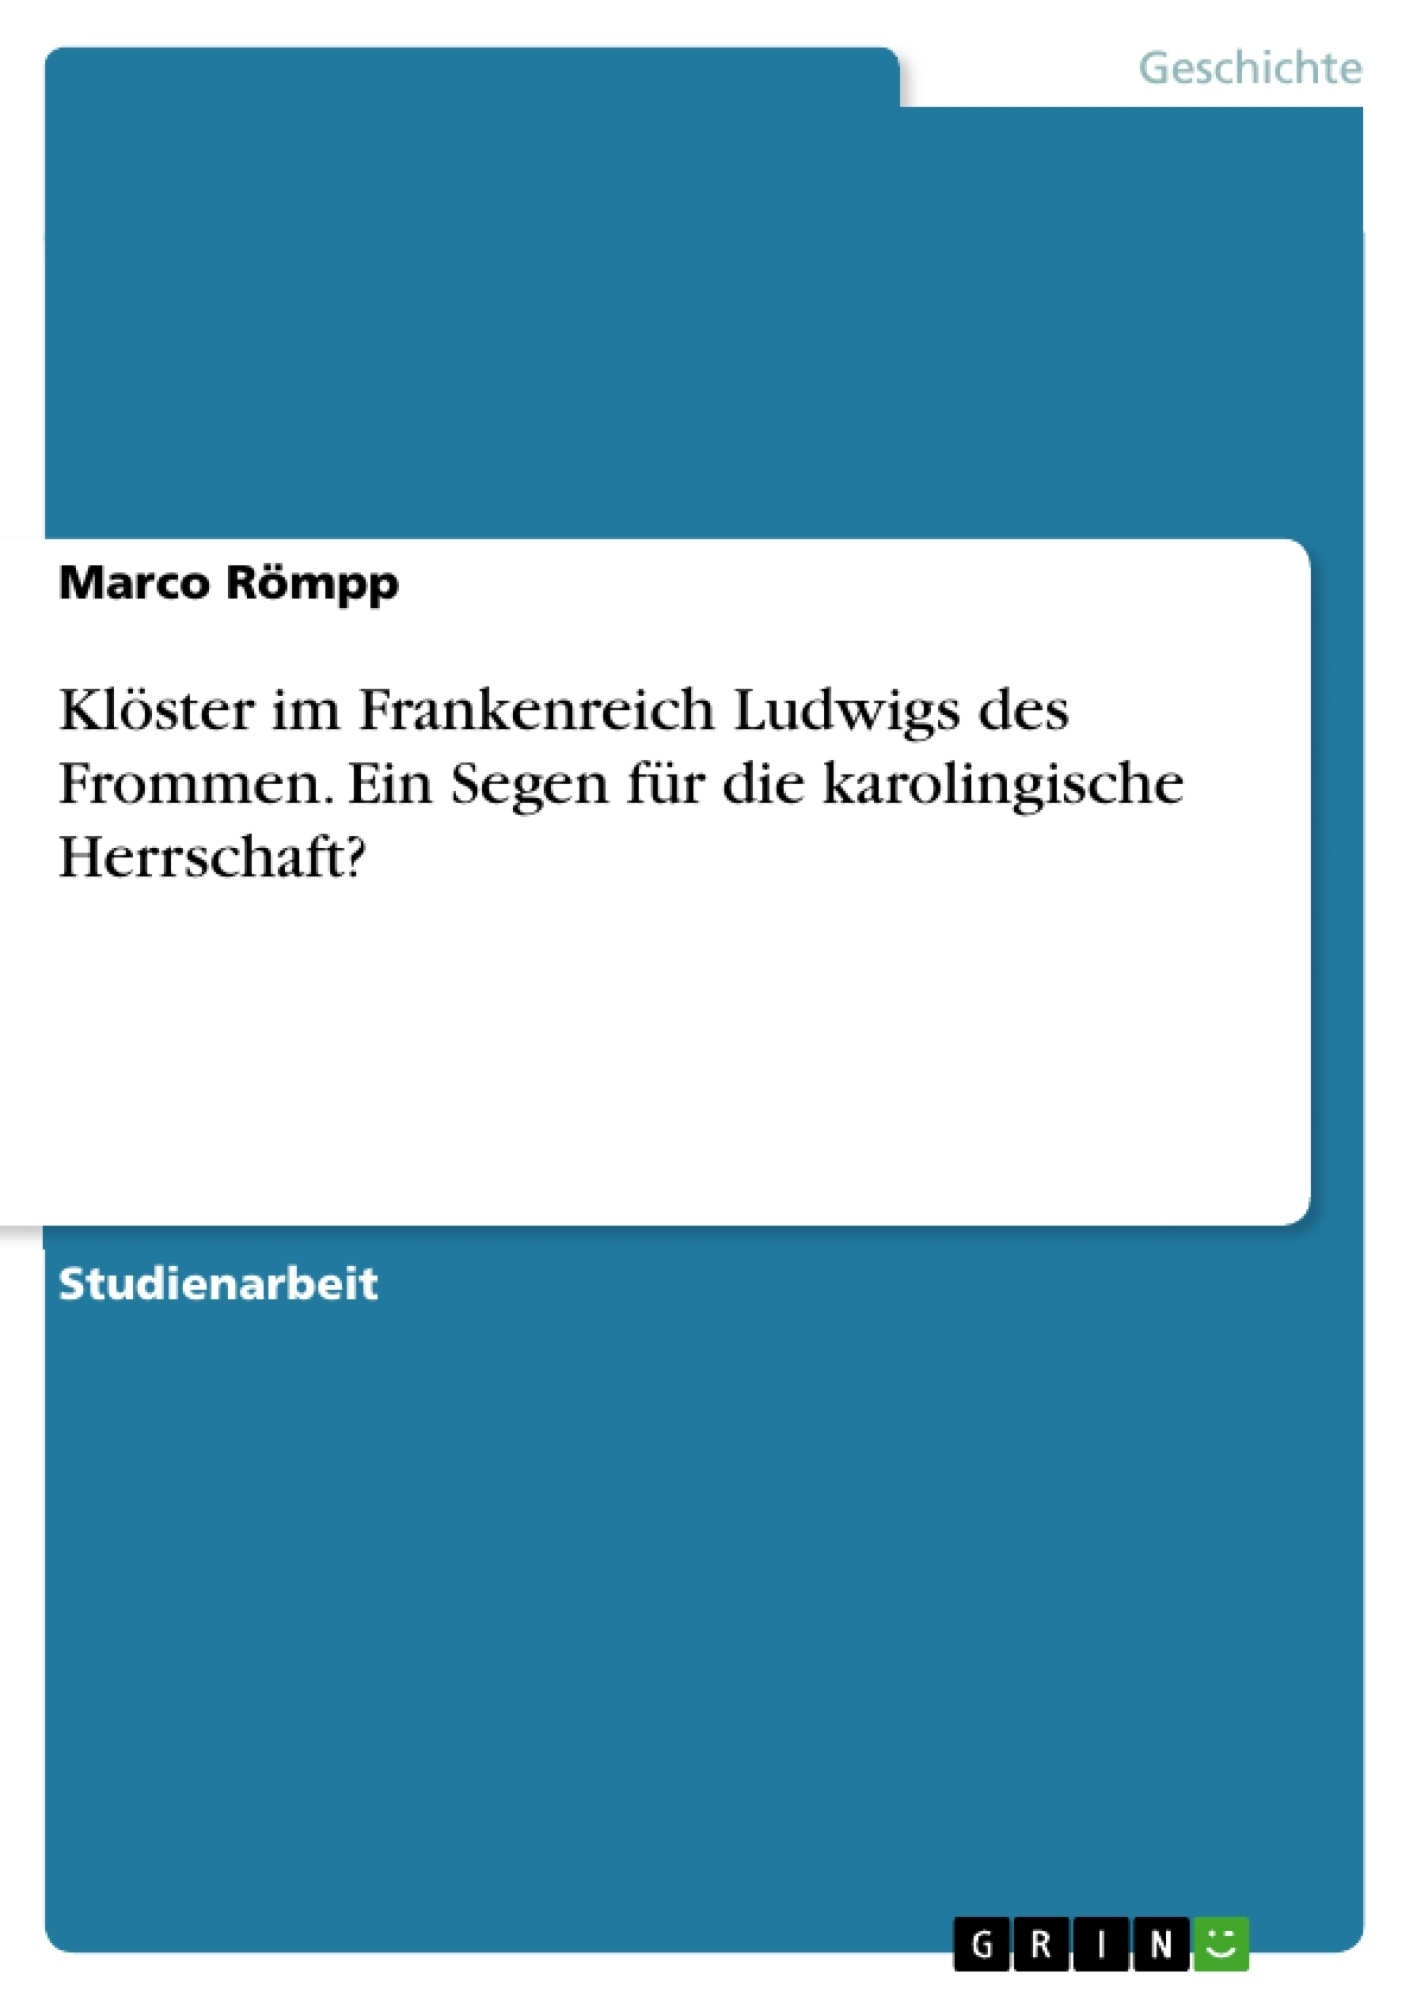 Titel: Klöster im Frankenreich Ludwigs des Frommen. Ein Segen für die karolingische Herrschaft?